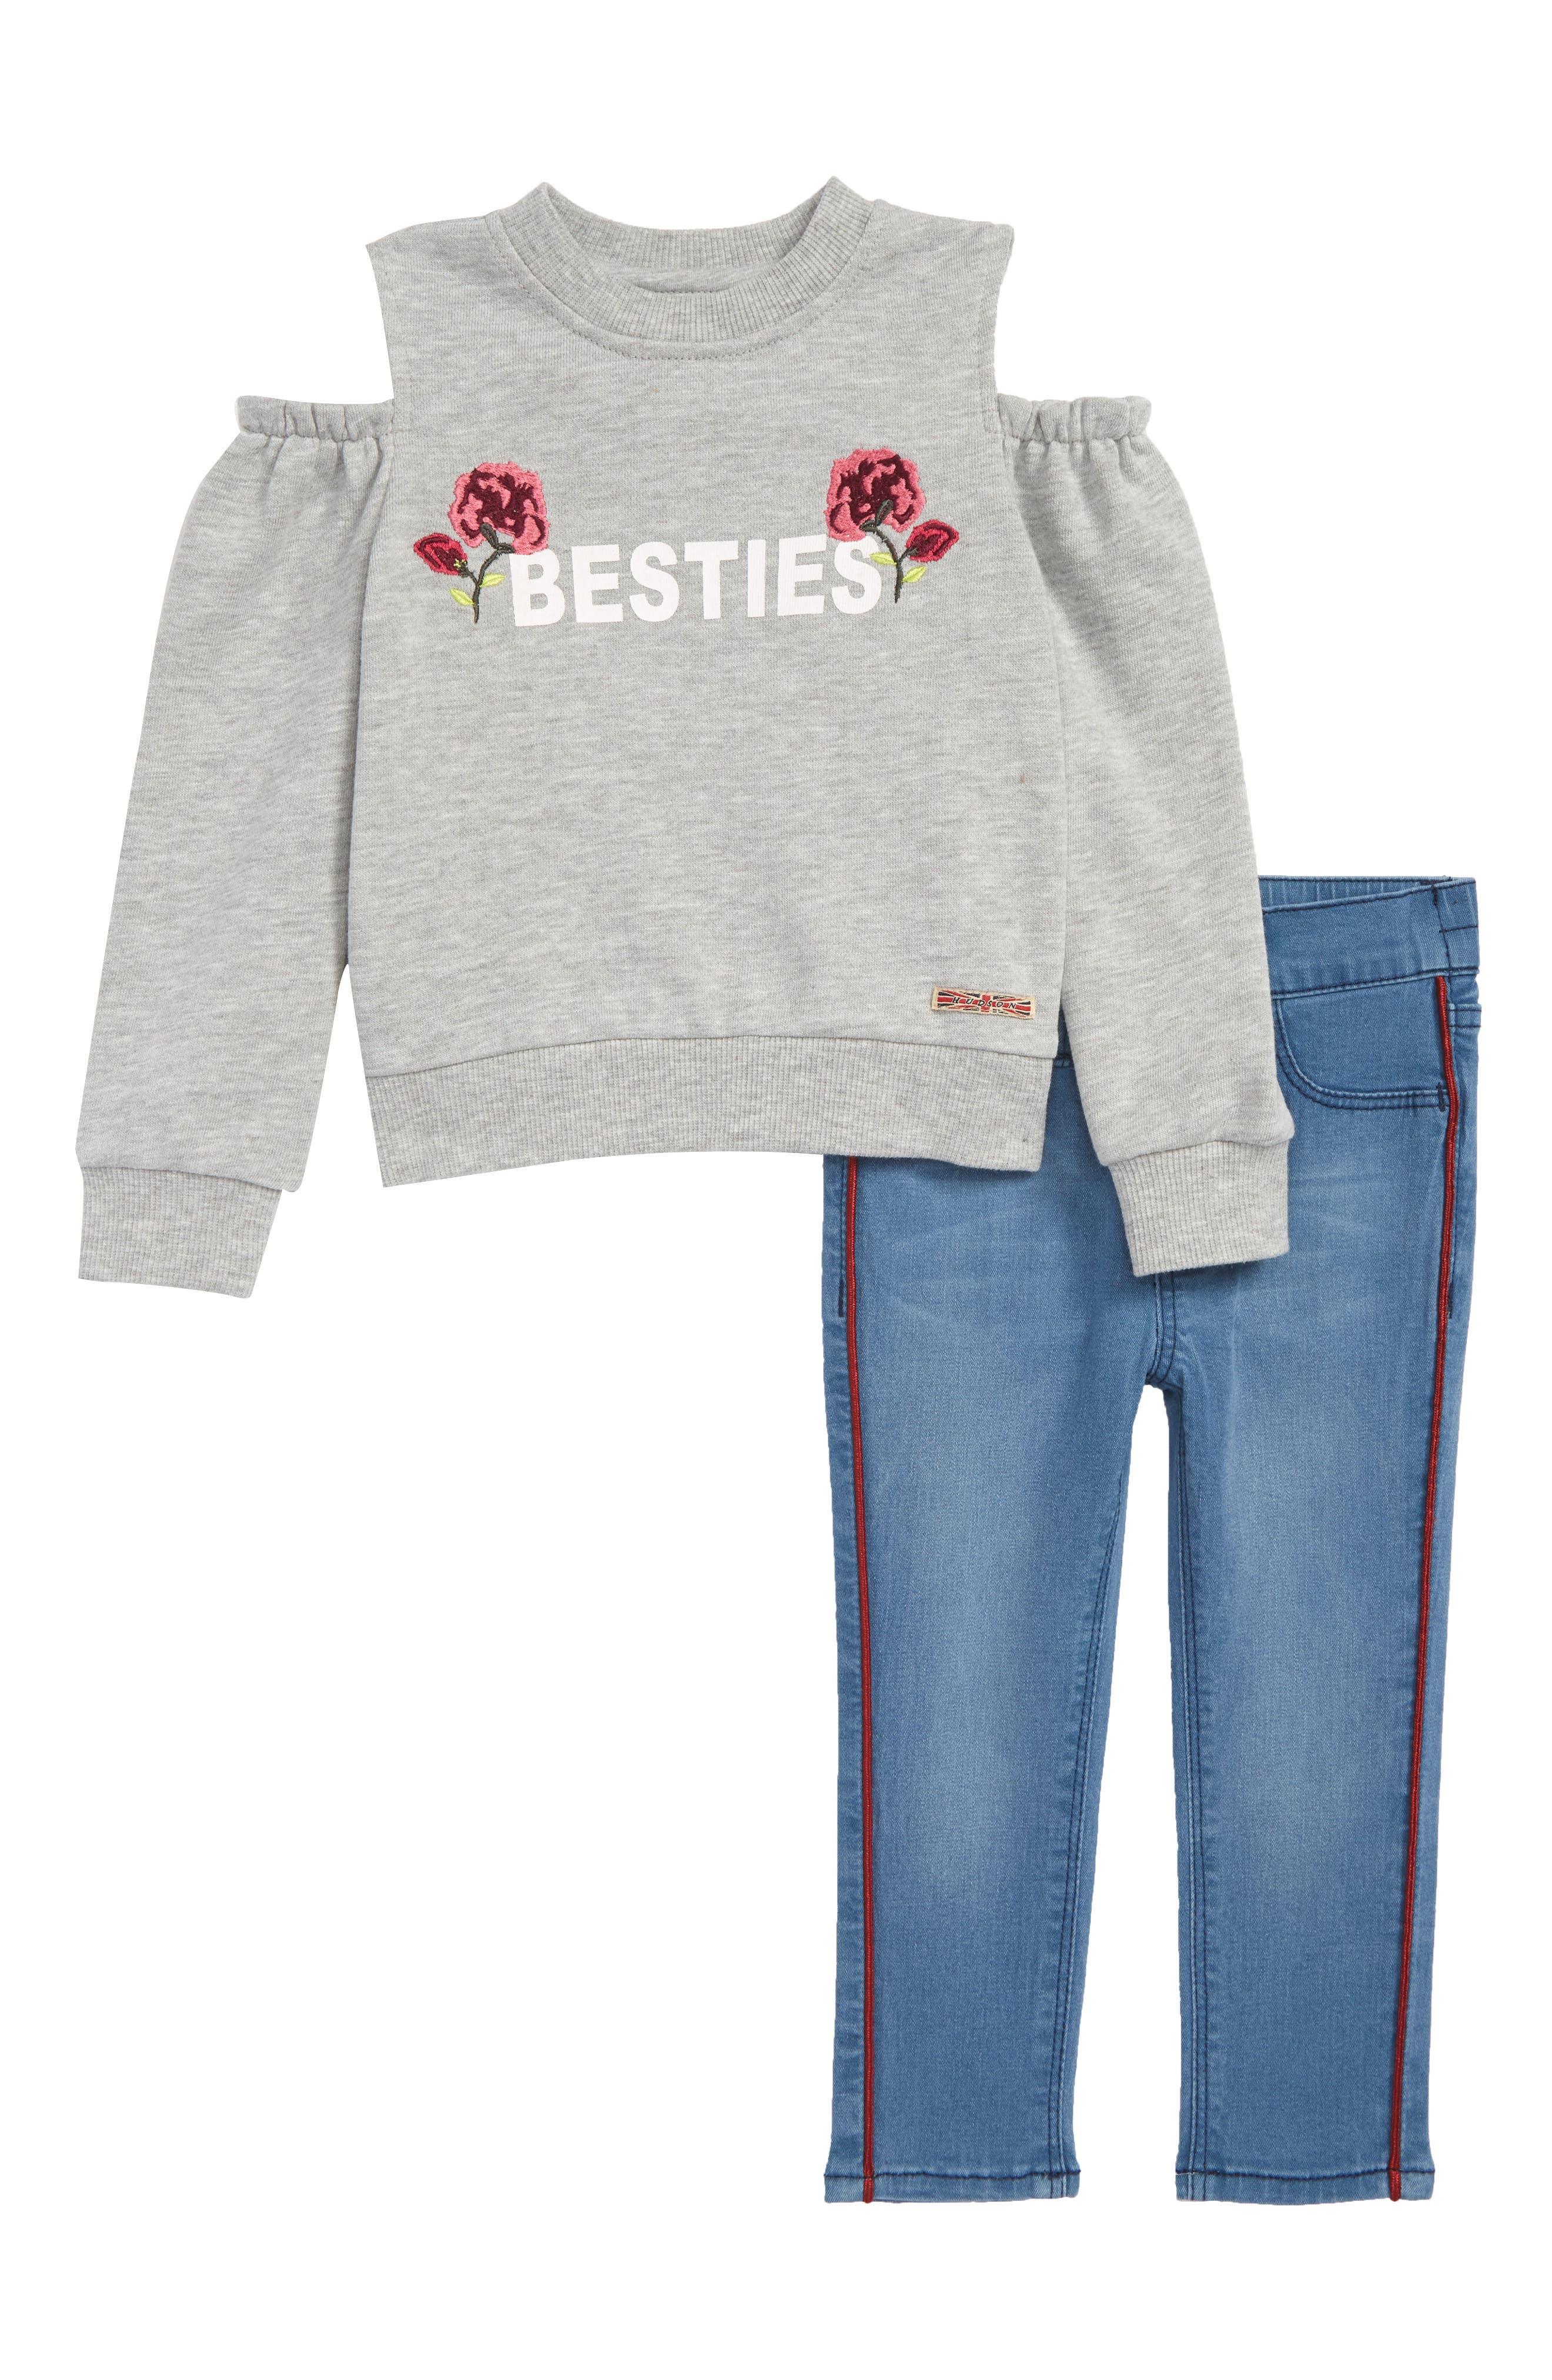 Besties Cold Shoulder Sweatshirt & Jeans Set,                             Main thumbnail 1, color,                             LIGHT BLUE